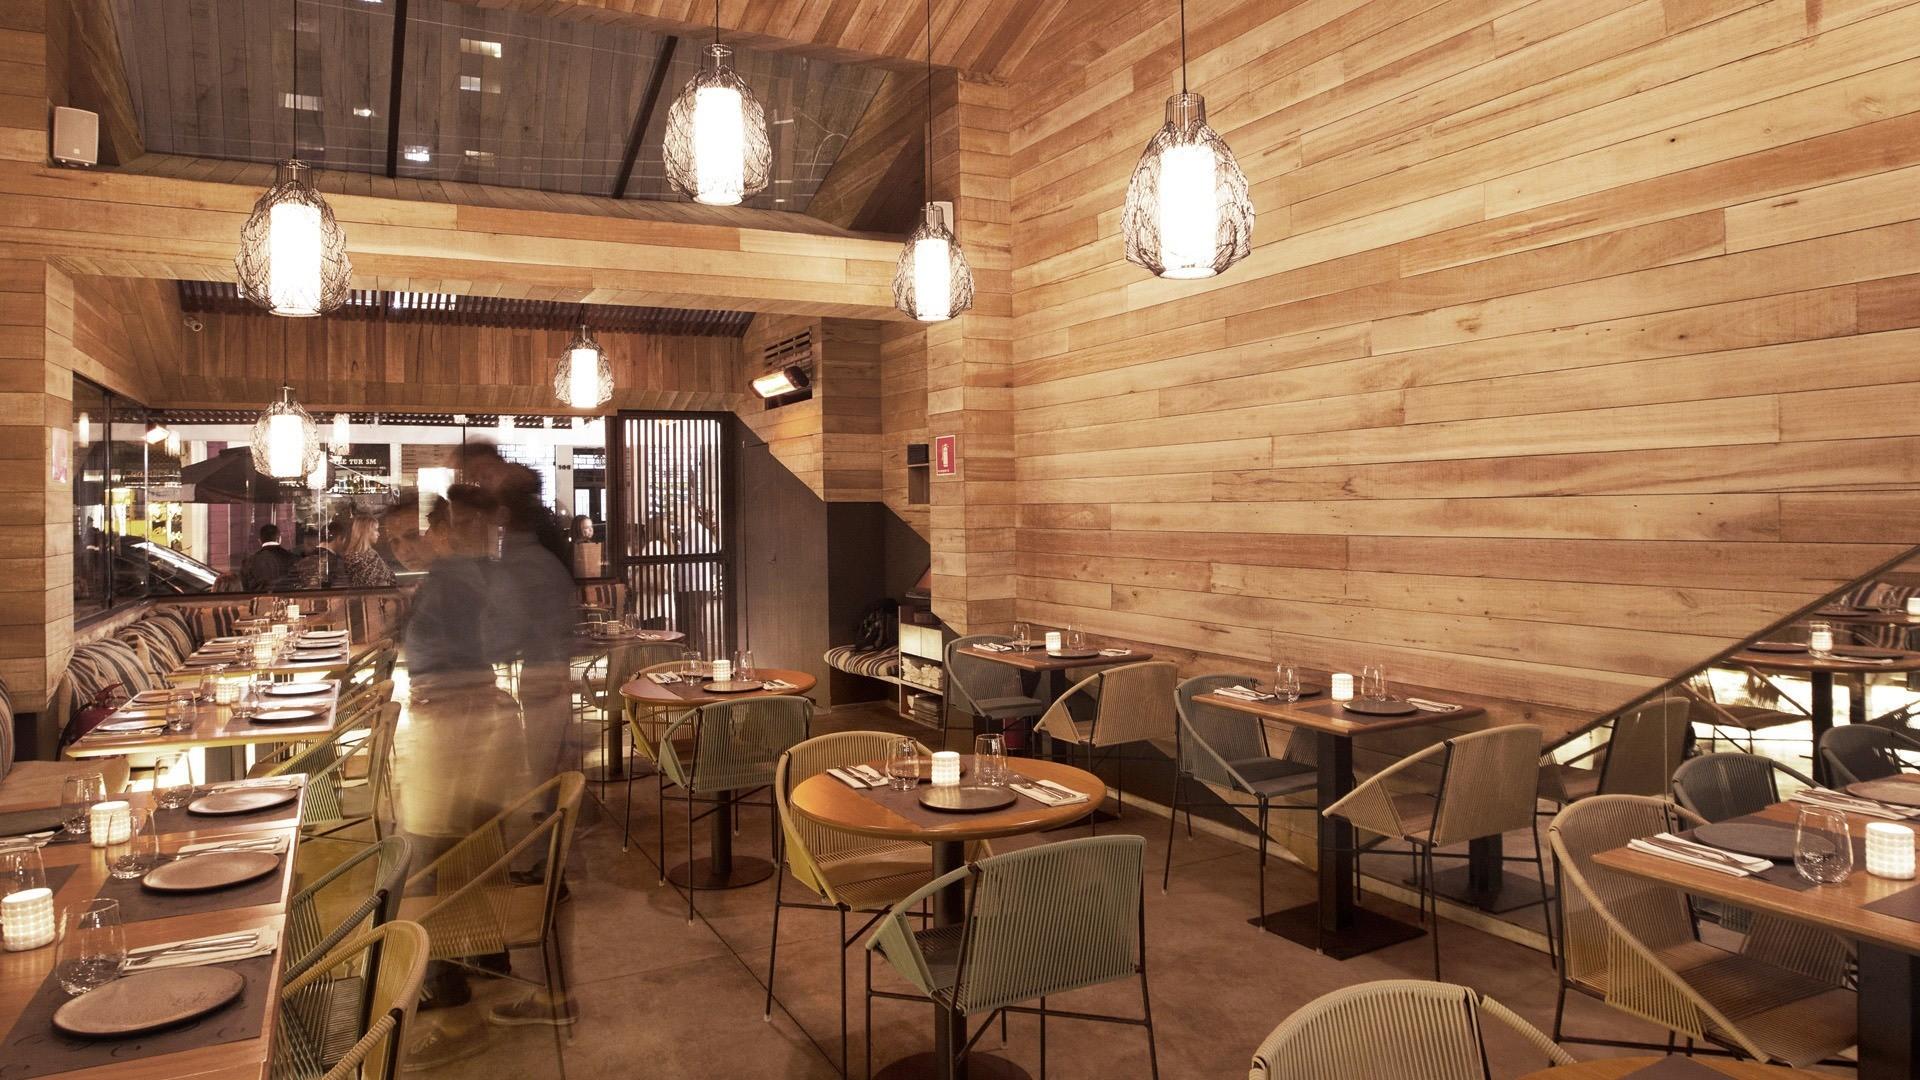 13.restaurante-tanit-interna-noturna-17